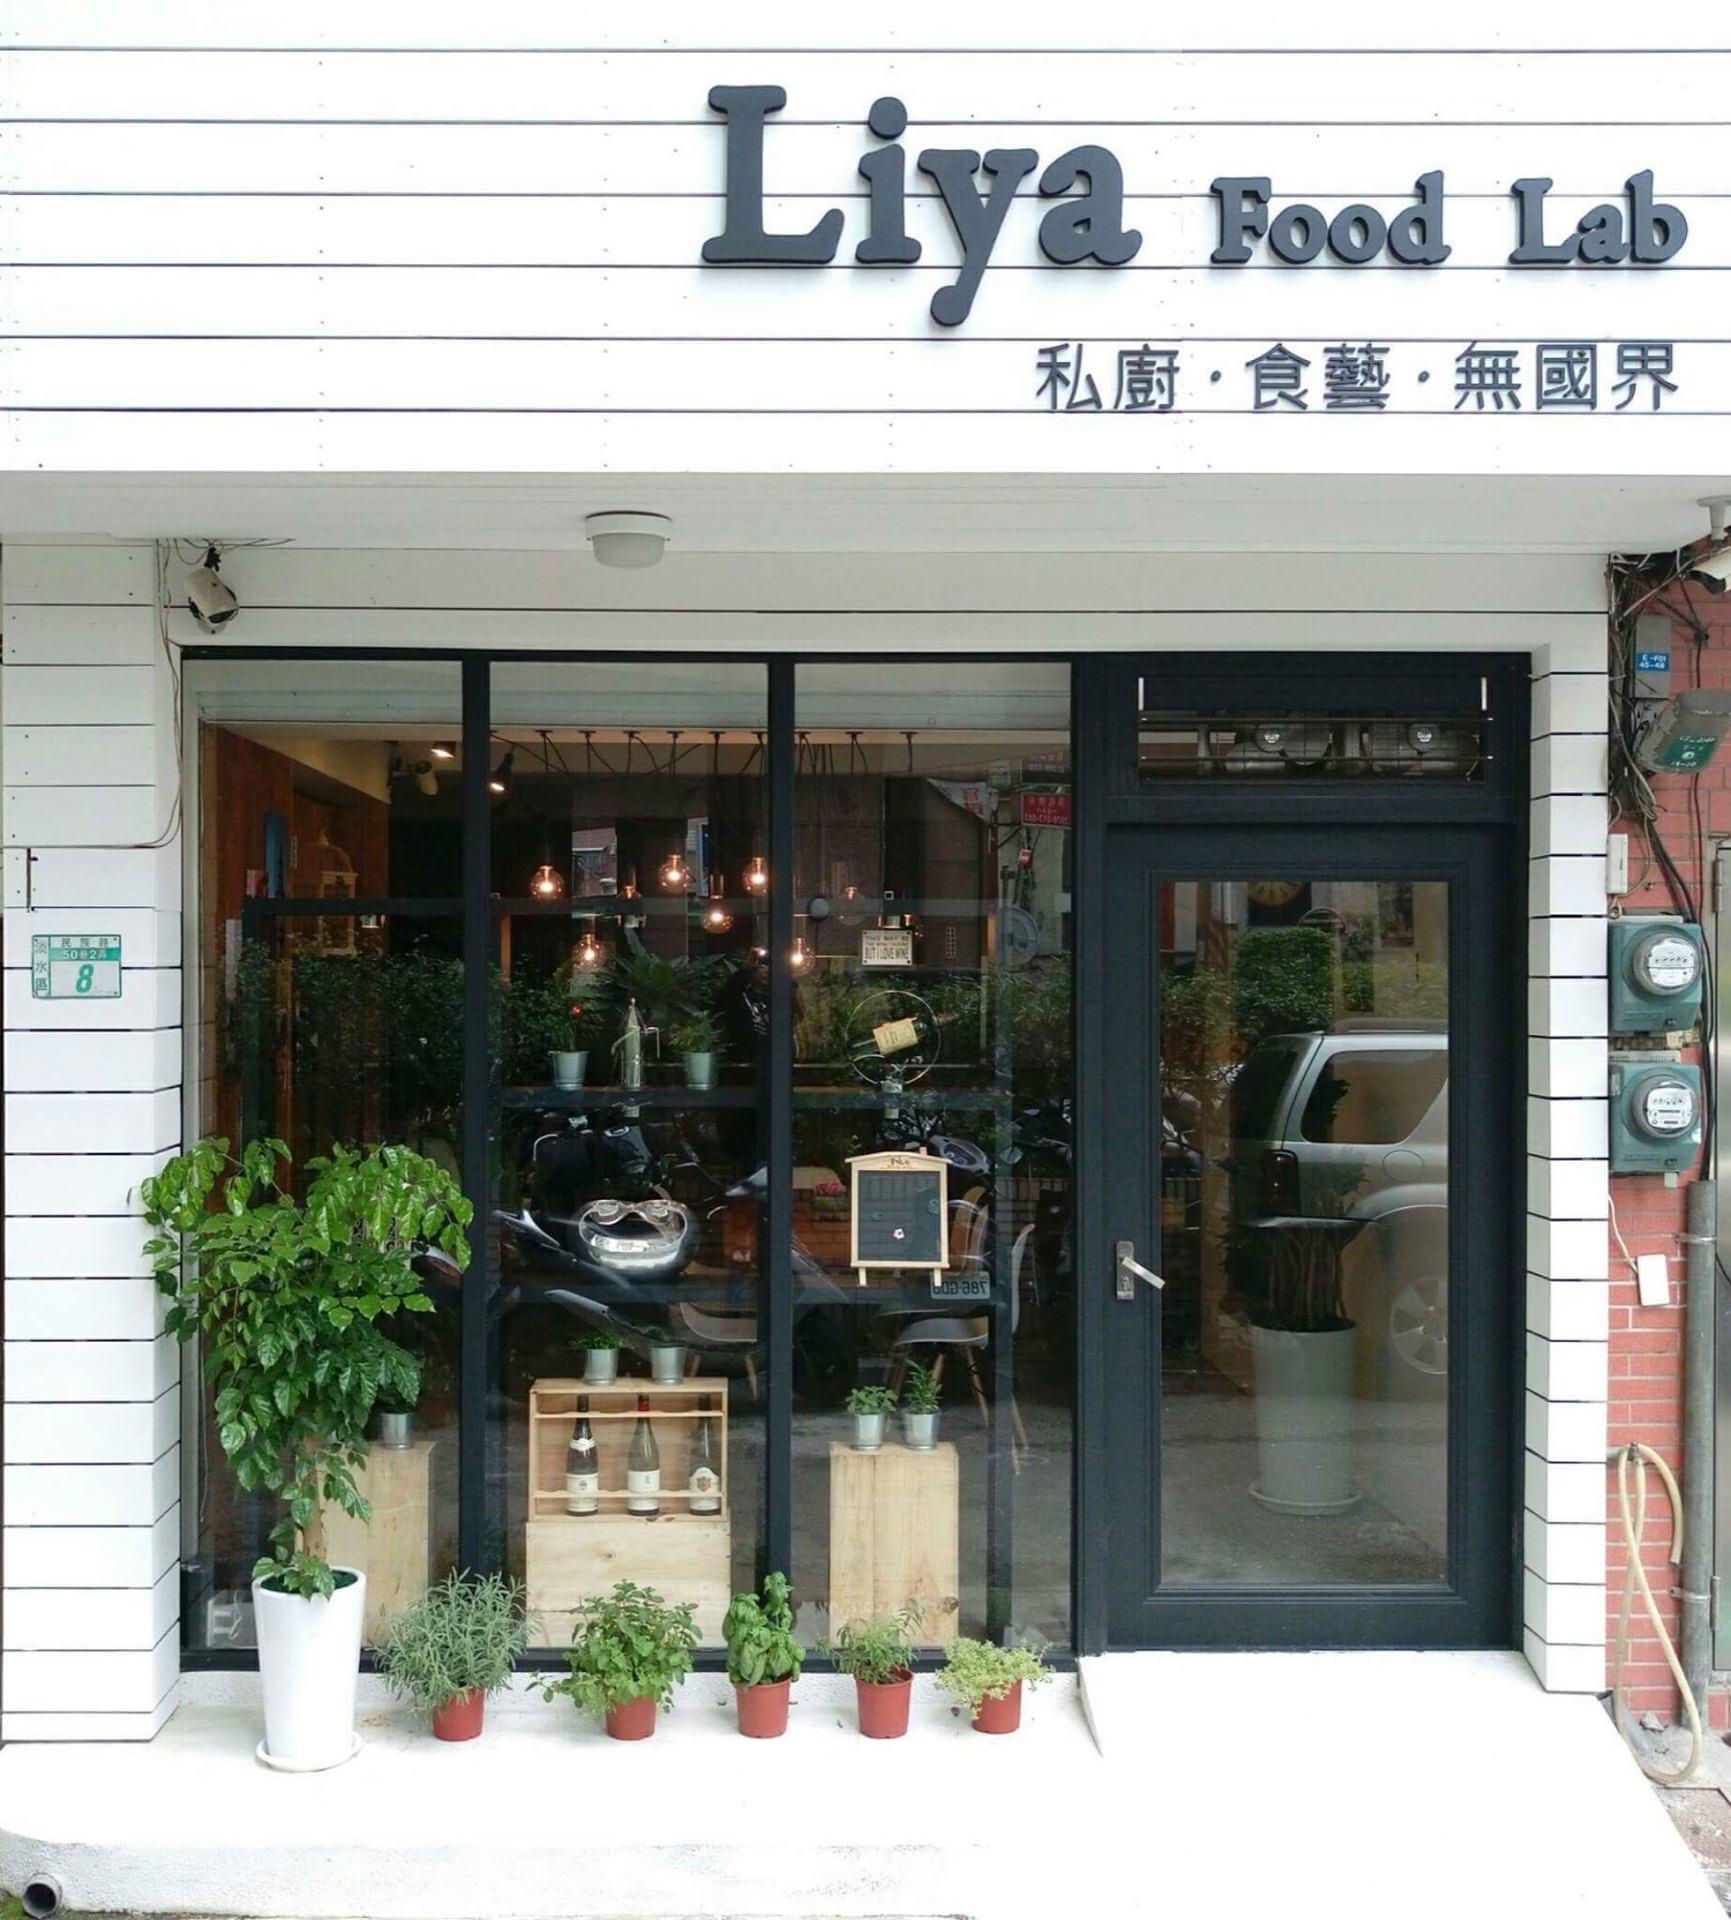 Liya Food Lab 食藝 | 巷子裡的無菜單料理